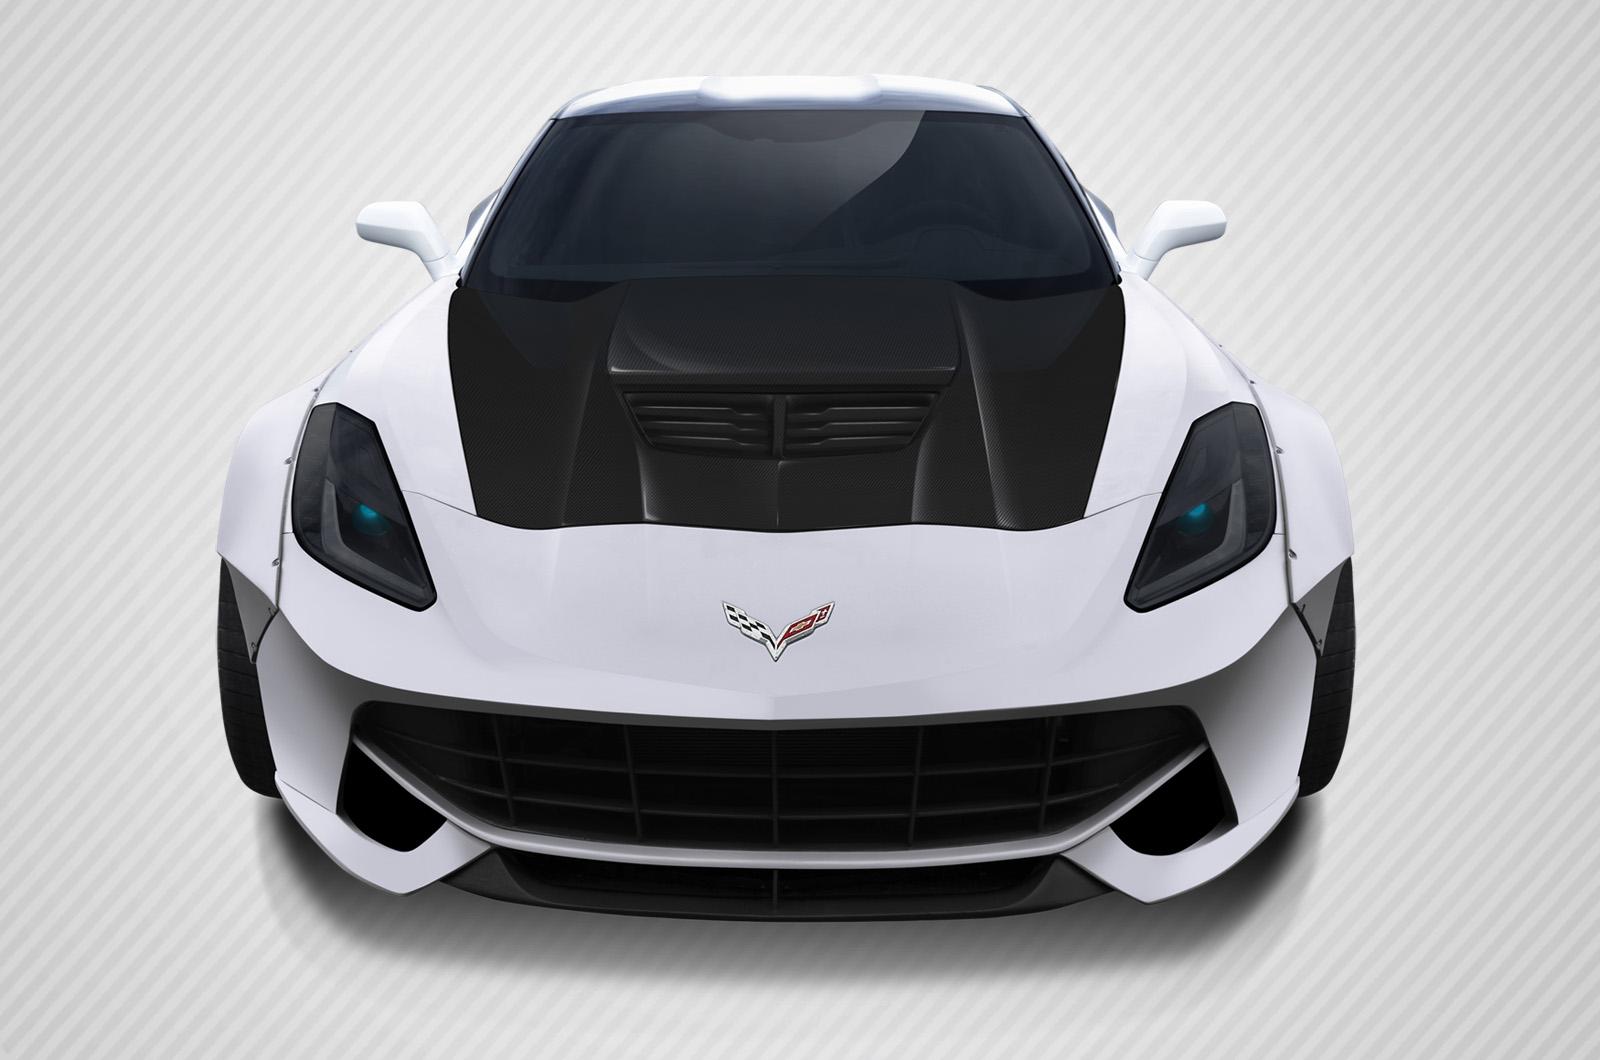 2016 Chevrolet Corvette ALL - Carbon Fiber Fibre Hood Bodykit - Chevrolet Corvette Carbon Creations Z06 Look Hood- 1 Piece